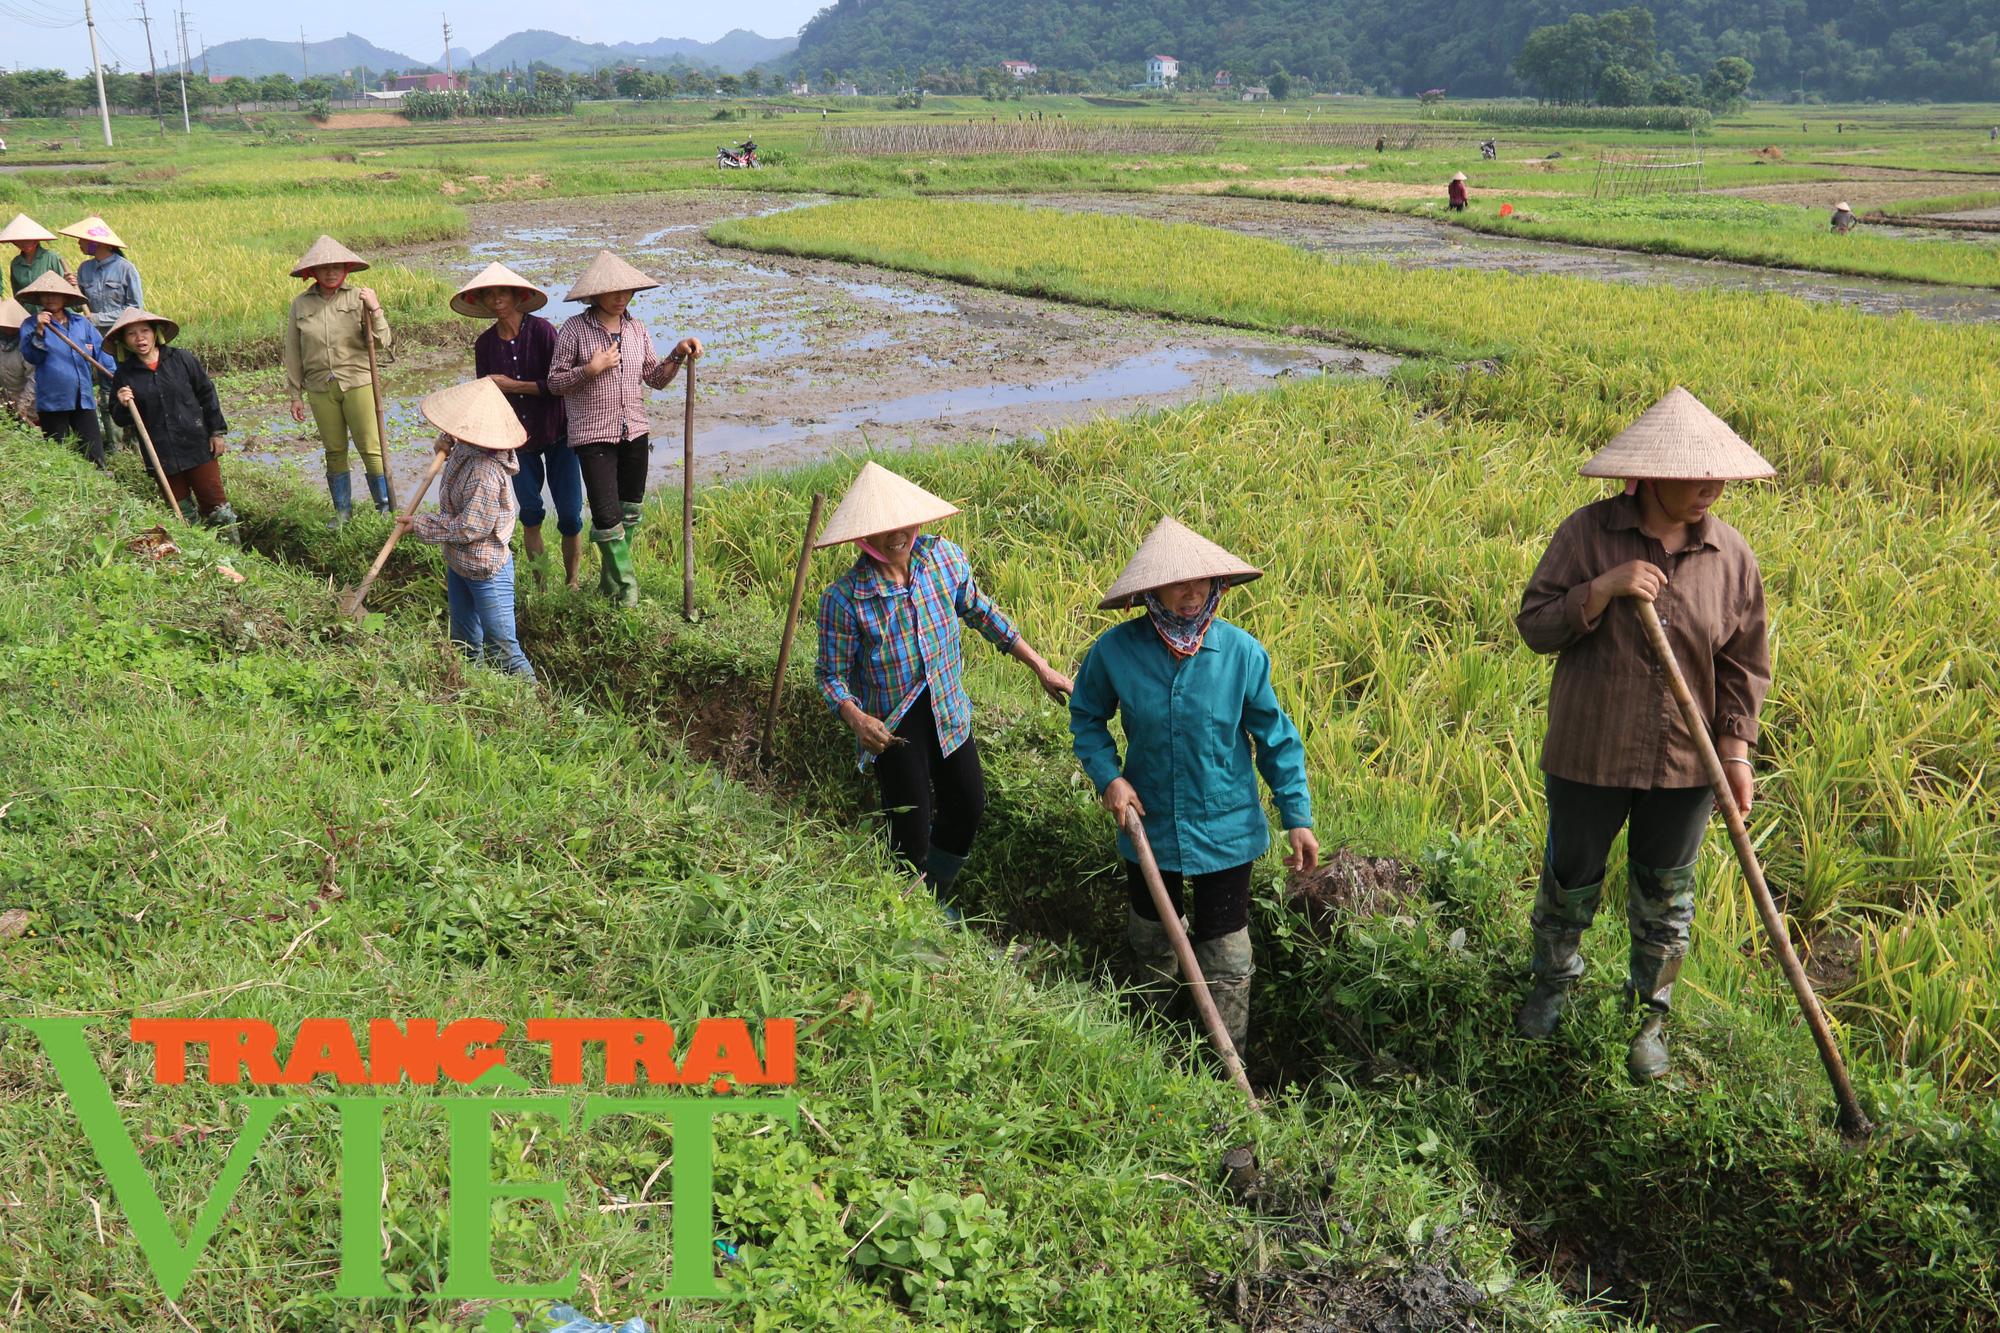 Kim Bôi: Xây dựng nông thôn mới là không có điểm dừng - Ảnh 1.